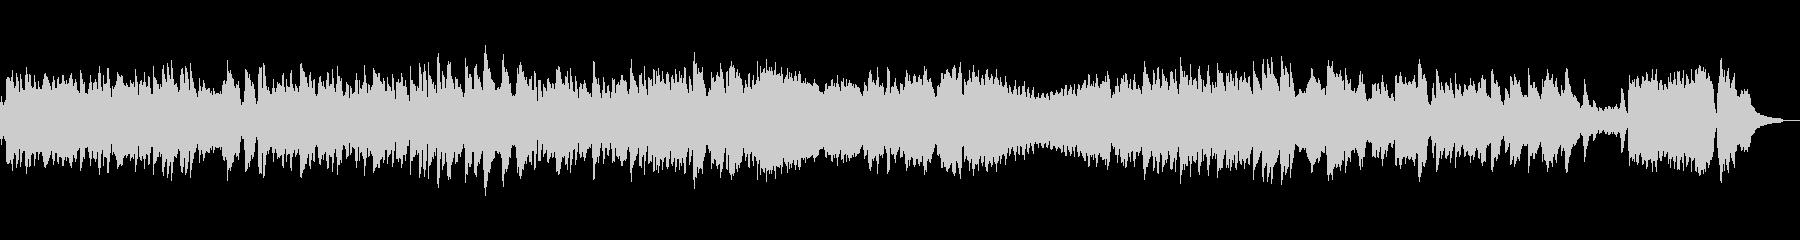 エチュード作品10-8 オルゴールverの未再生の波形